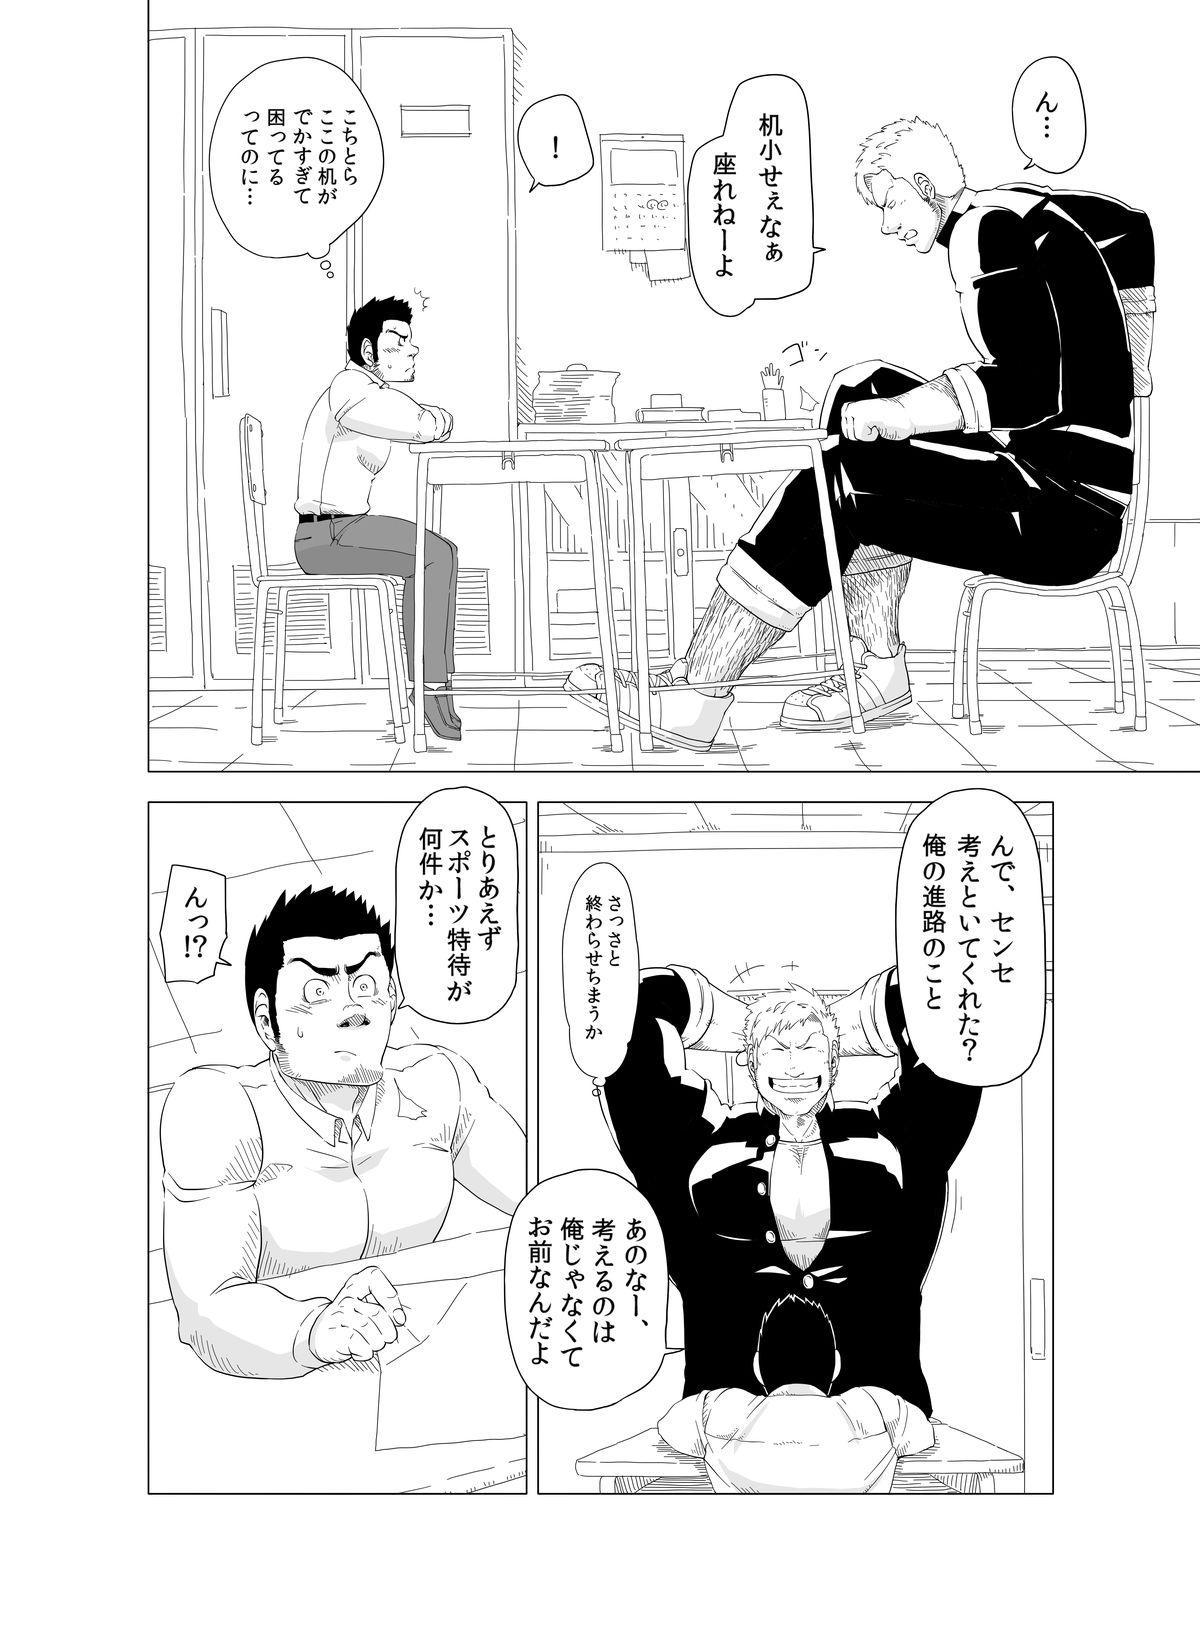 Deka Seito to Chibi Sensei 7